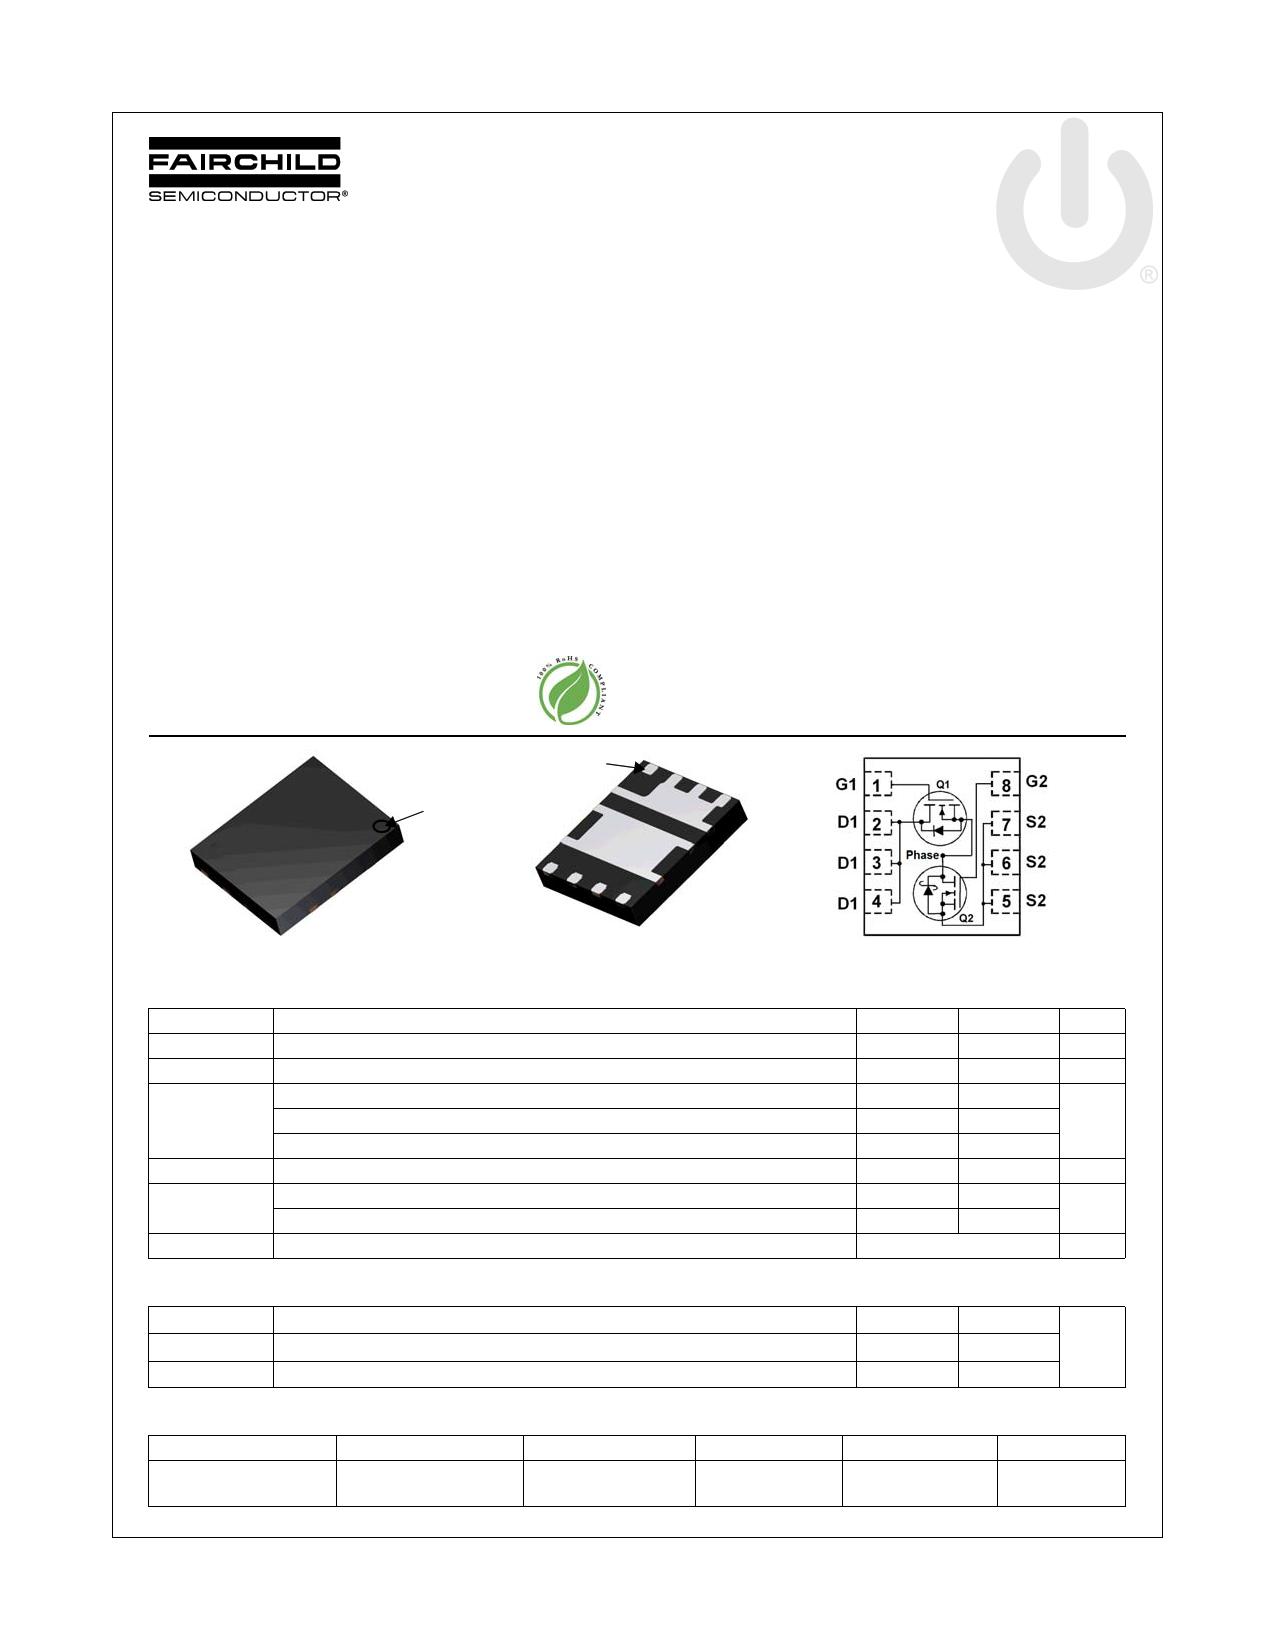 FDMS3626S 데이터시트 및 FDMS3626S PDF